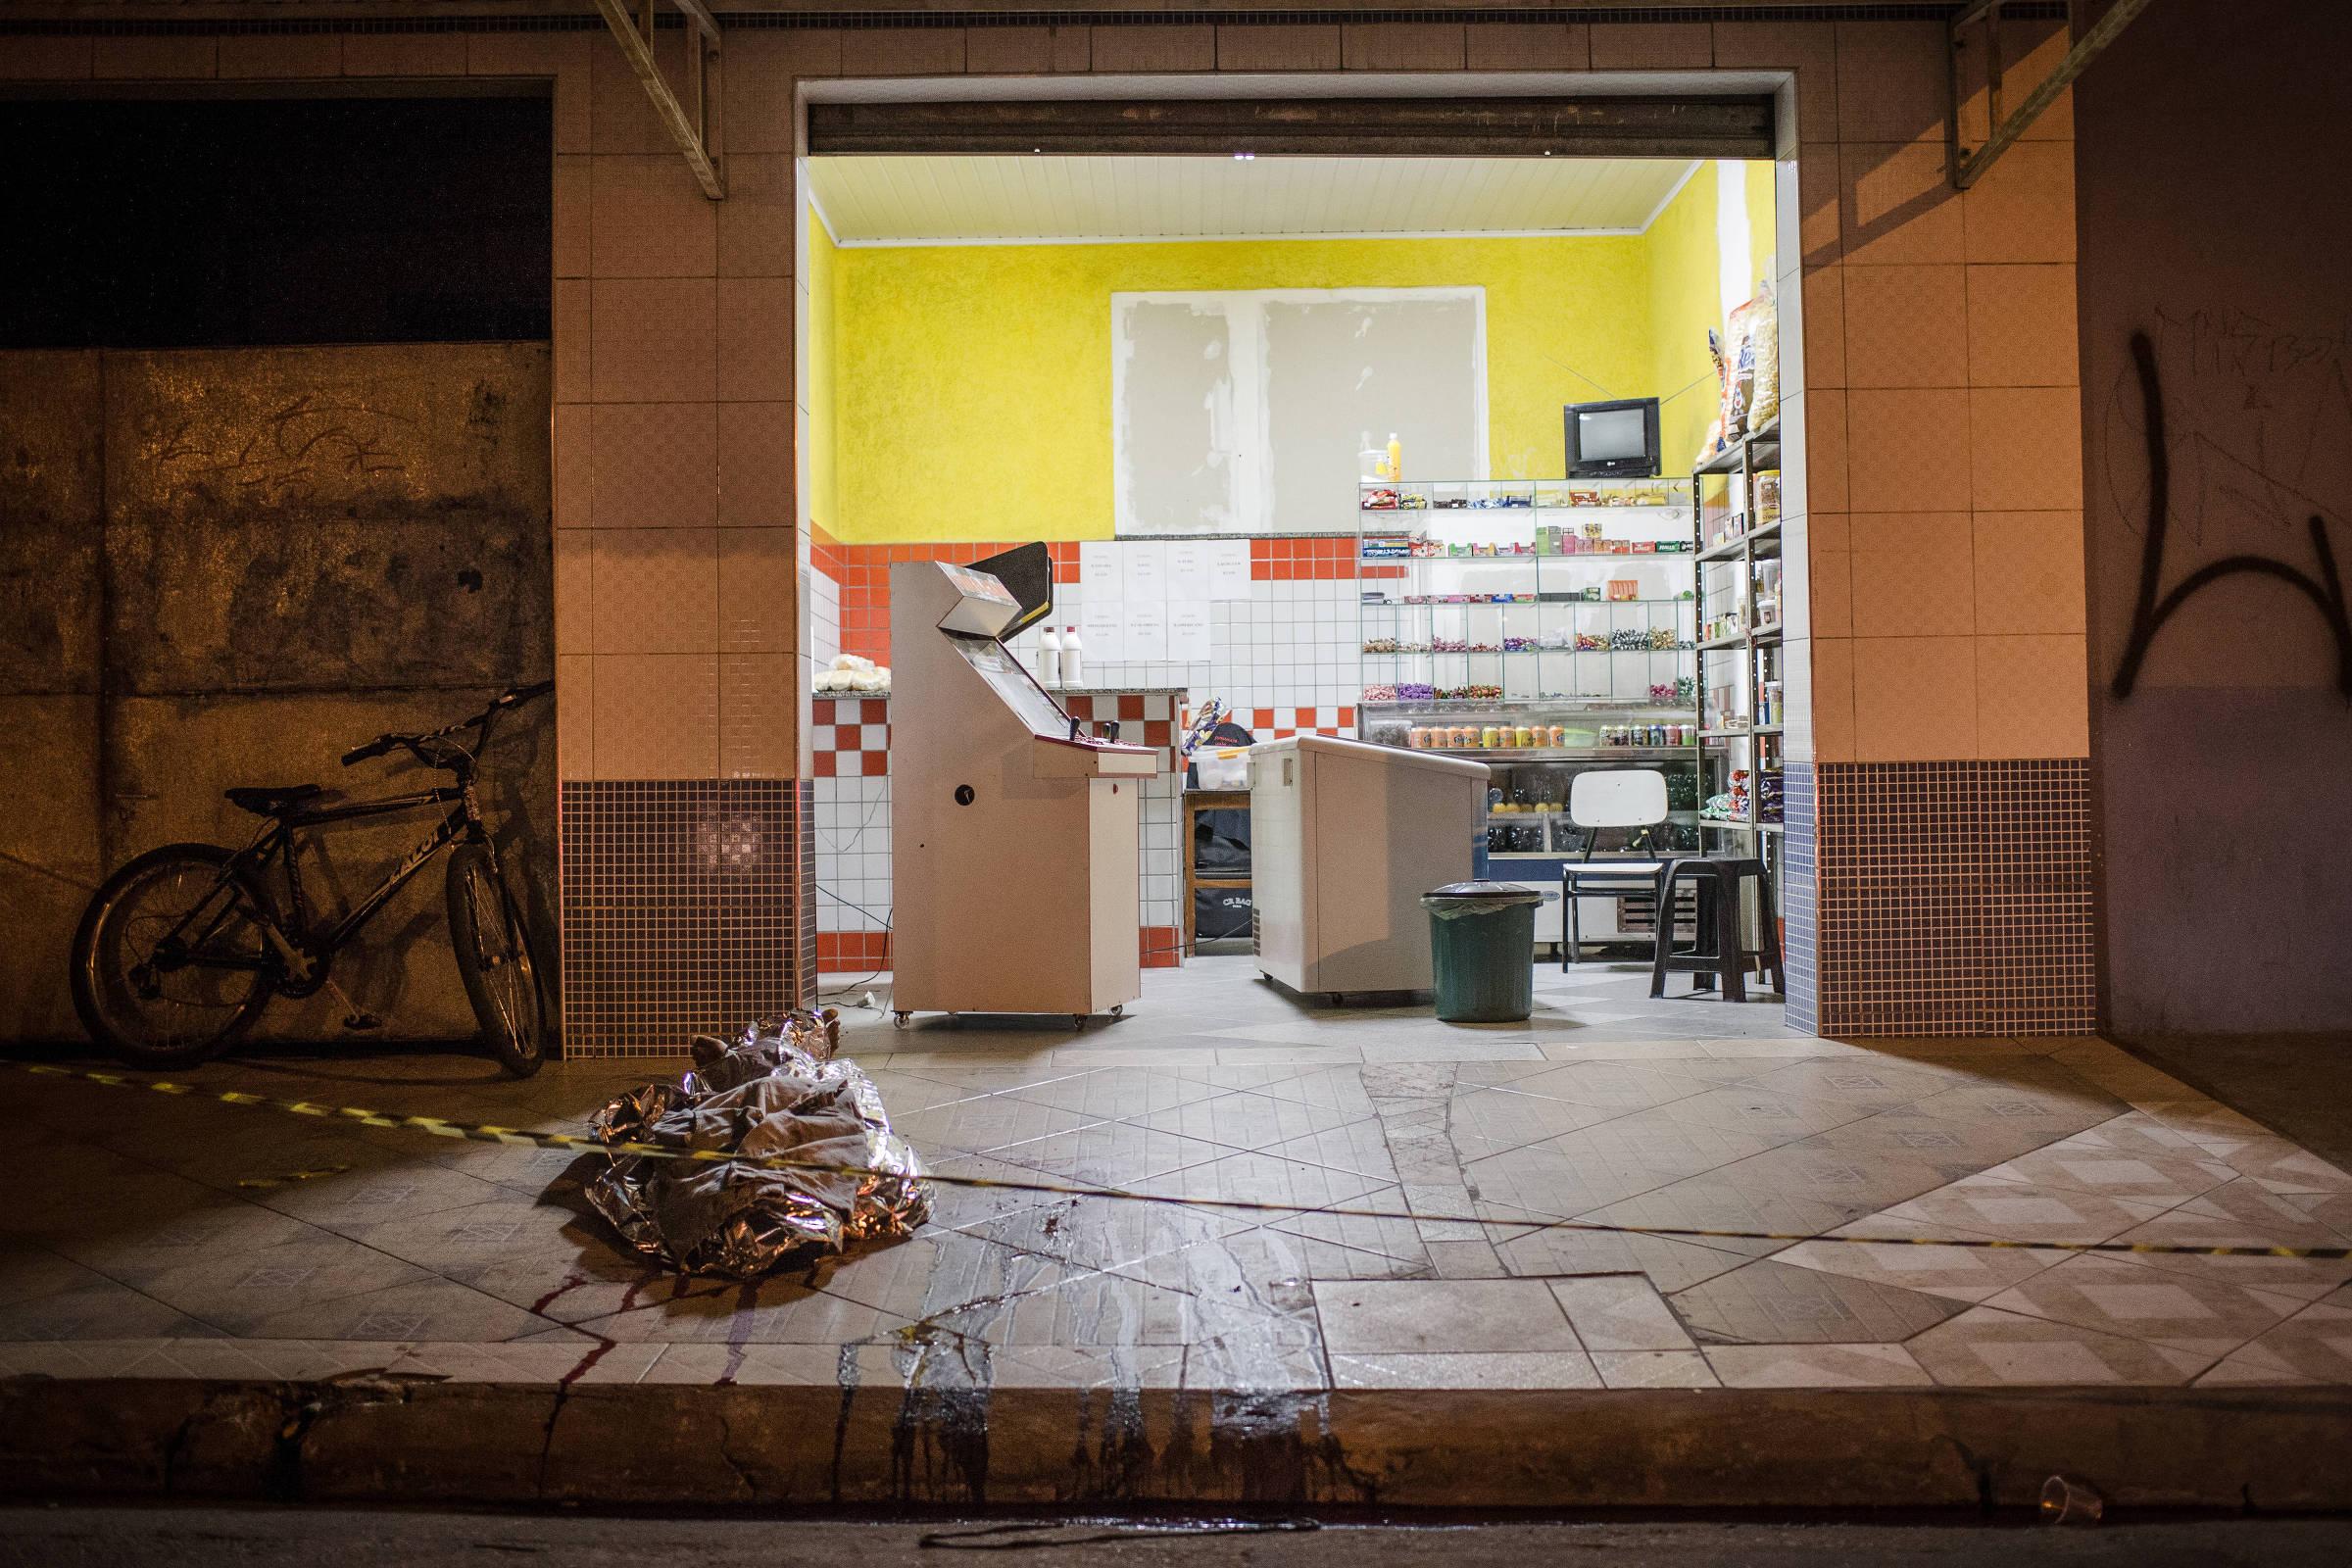 Sorveteria em Osasco onde uma pessoa morreu na mais violenta do ano na Grande São Paulo quando ao menos 20 pessoas foram mortas e sete ficaram feridas - Avener Prado - 14.ago.2015/Folhapress